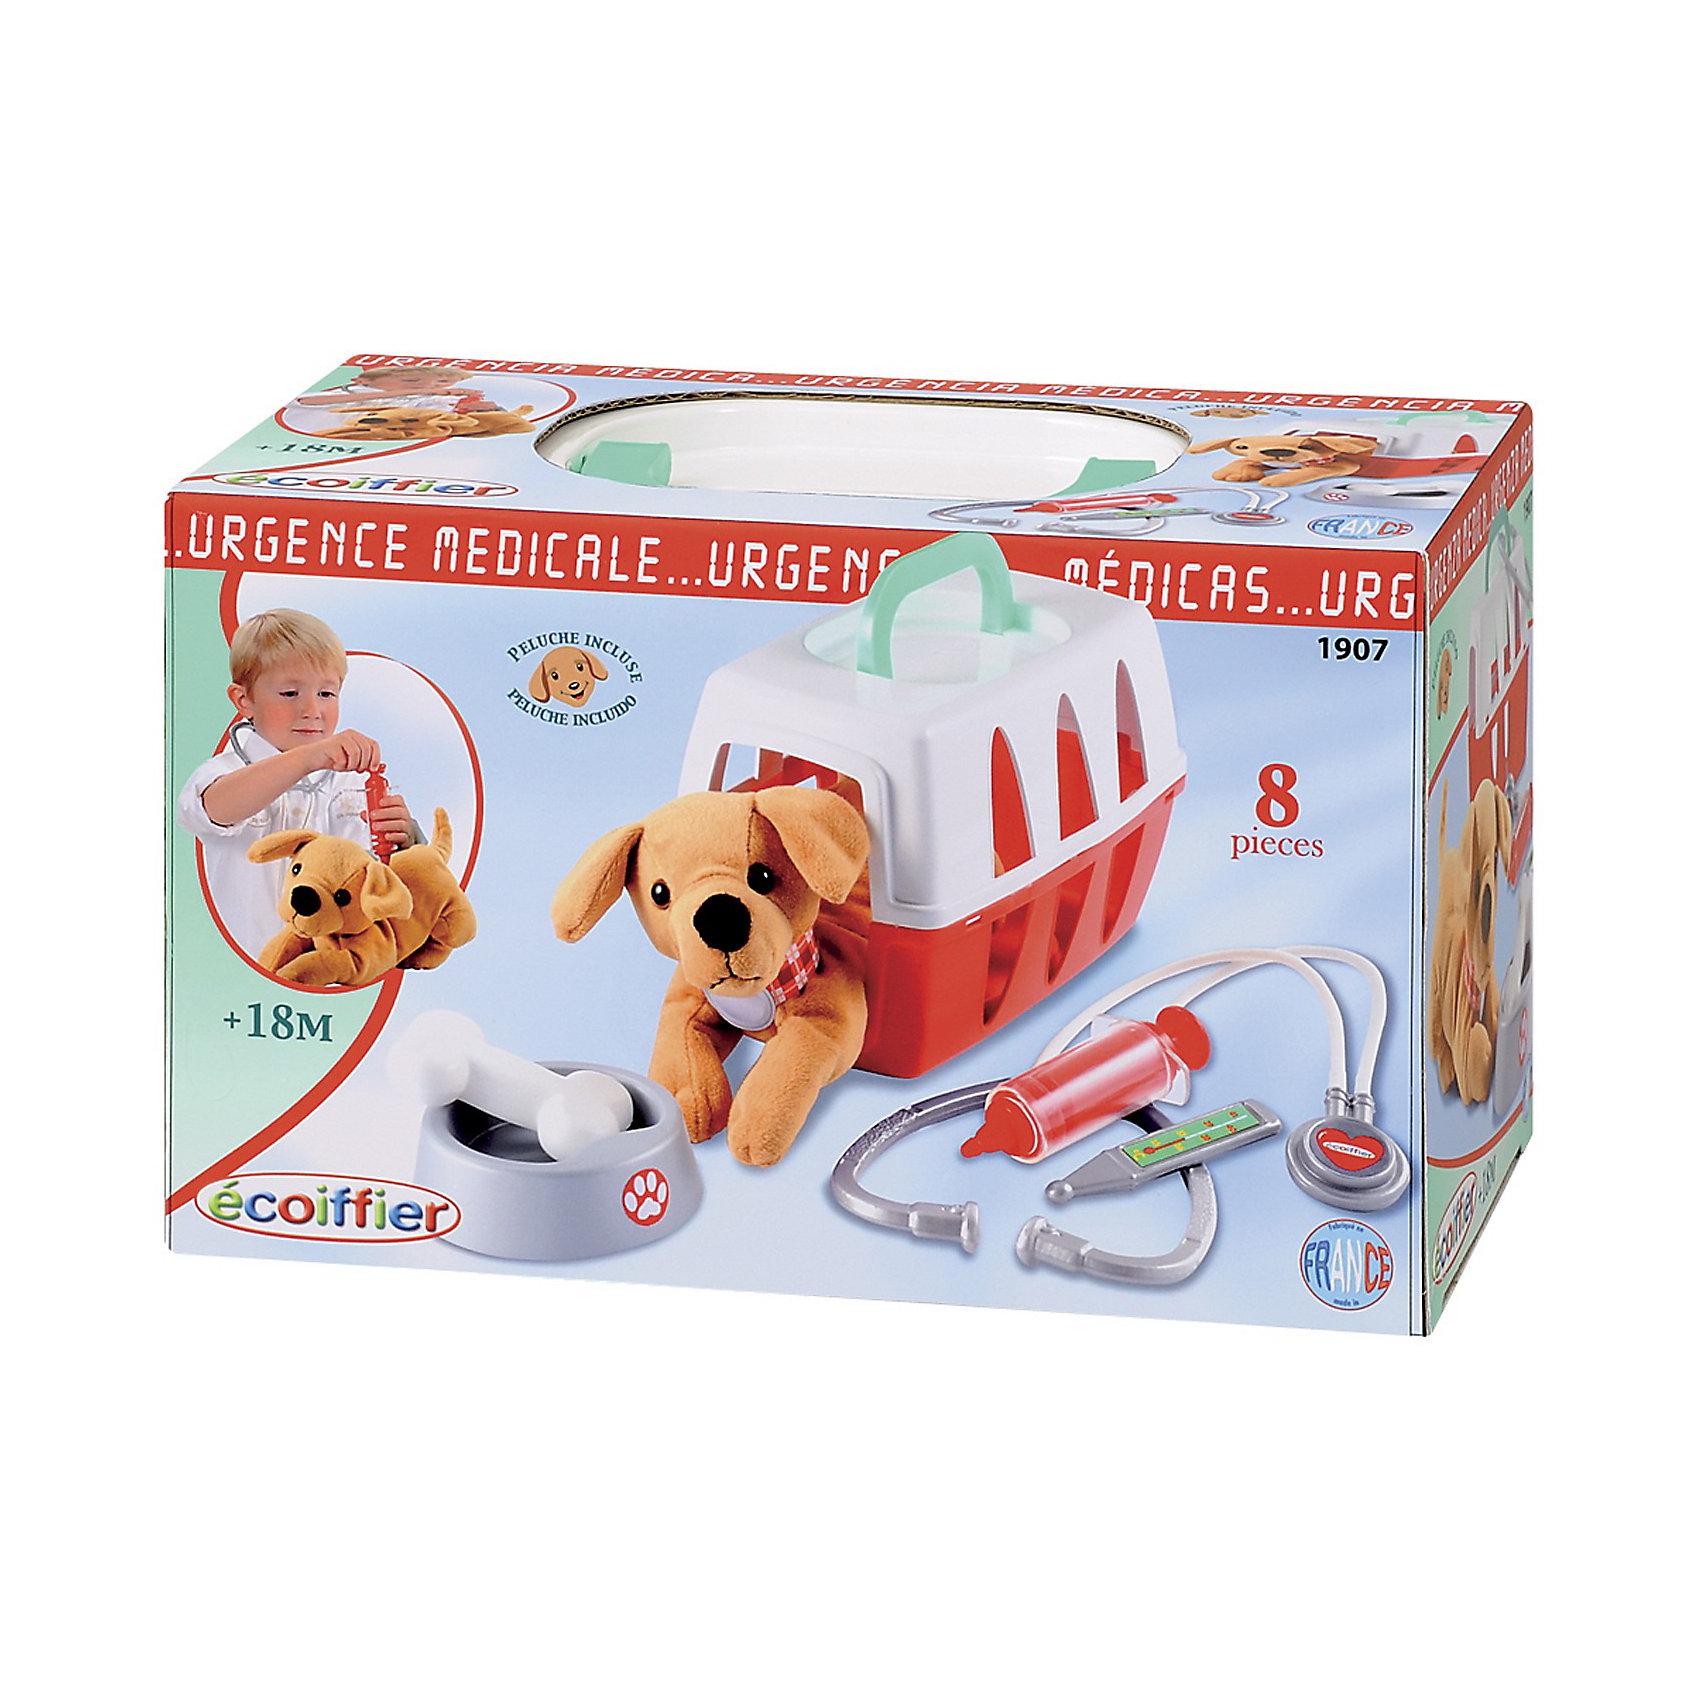 Набор ветеринара в чемоданчике, SmobyНаборы доктора и ветеринара<br>Набор ветеринара в чемоданчике от Smoby это игрушка для детей, которые любят животных, и хотели бы научиться их лечить. Такая игра научит вашего малыша заботиться о питомце. Наборе ветеринара есть все необходимое, чтобы вылечить маленького плюшевого пациента.<br><br>Набор ветеринара в чемоданчике непременно порадует будущего доктора!<br><br>Дополнительная информация:<br><br>- В комплекте: плюшевая собачка в ошейнике, медицинские инструменты (термометр, стетоскоп и шприц) для осмотра и лечения вашего питомца, миска с угощением для вашего питомца в виде аппетитной косточки и пластиковый контейнер-переноска.<br>- Материал: пластик, текстиль<br>- Размеры чемоданчика: (Д)24 Х (Ш)14 Х(В) 15 см<br>- Размеры упаковки: (Д)25 Х (Ш)14 Х(В) 15,8 см<br><br>Игрушку Набор ветеринара в чемоданчике, Smoby можно купить в нашем интернет-магазине.<br><br>Ширина мм: 250<br>Глубина мм: 140<br>Высота мм: 150<br>Вес г: 1200<br>Возраст от месяцев: 18<br>Возраст до месяцев: 60<br>Пол: Унисекс<br>Возраст: Детский<br>SKU: 3373358